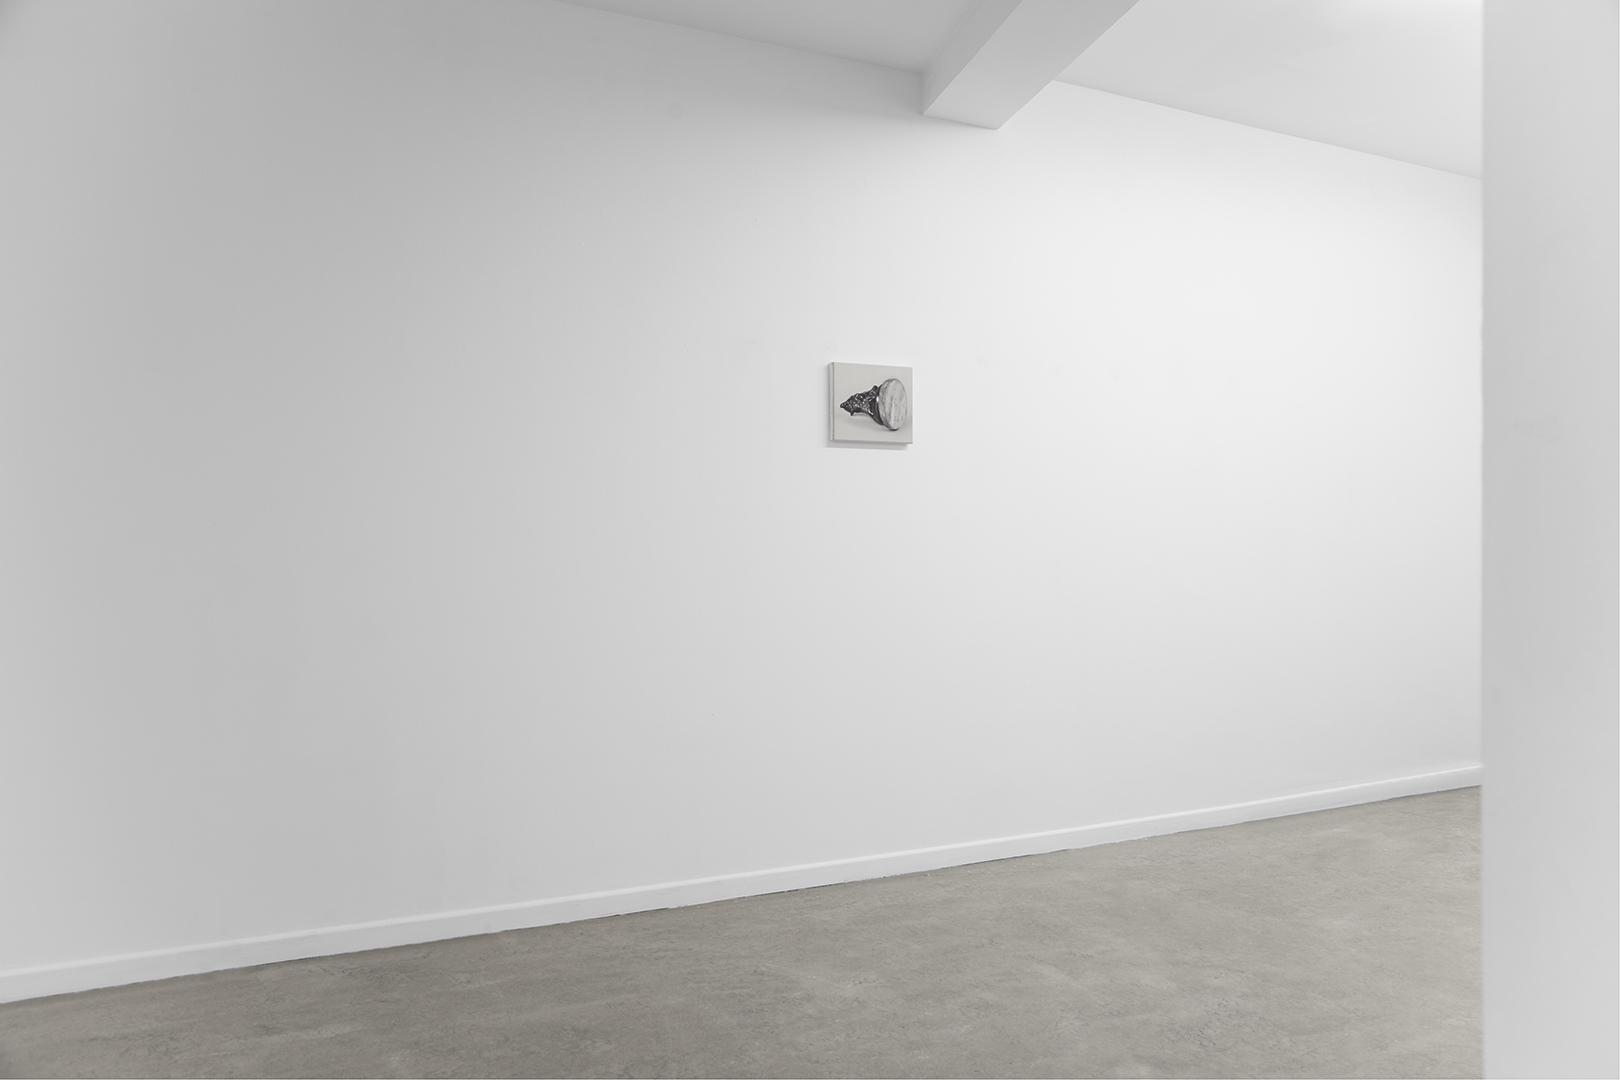 Exposición TIERRA Y CEMENTO (Sentarse y Esperar), Alain Urrutia, Galería Juan Silió, 2016.